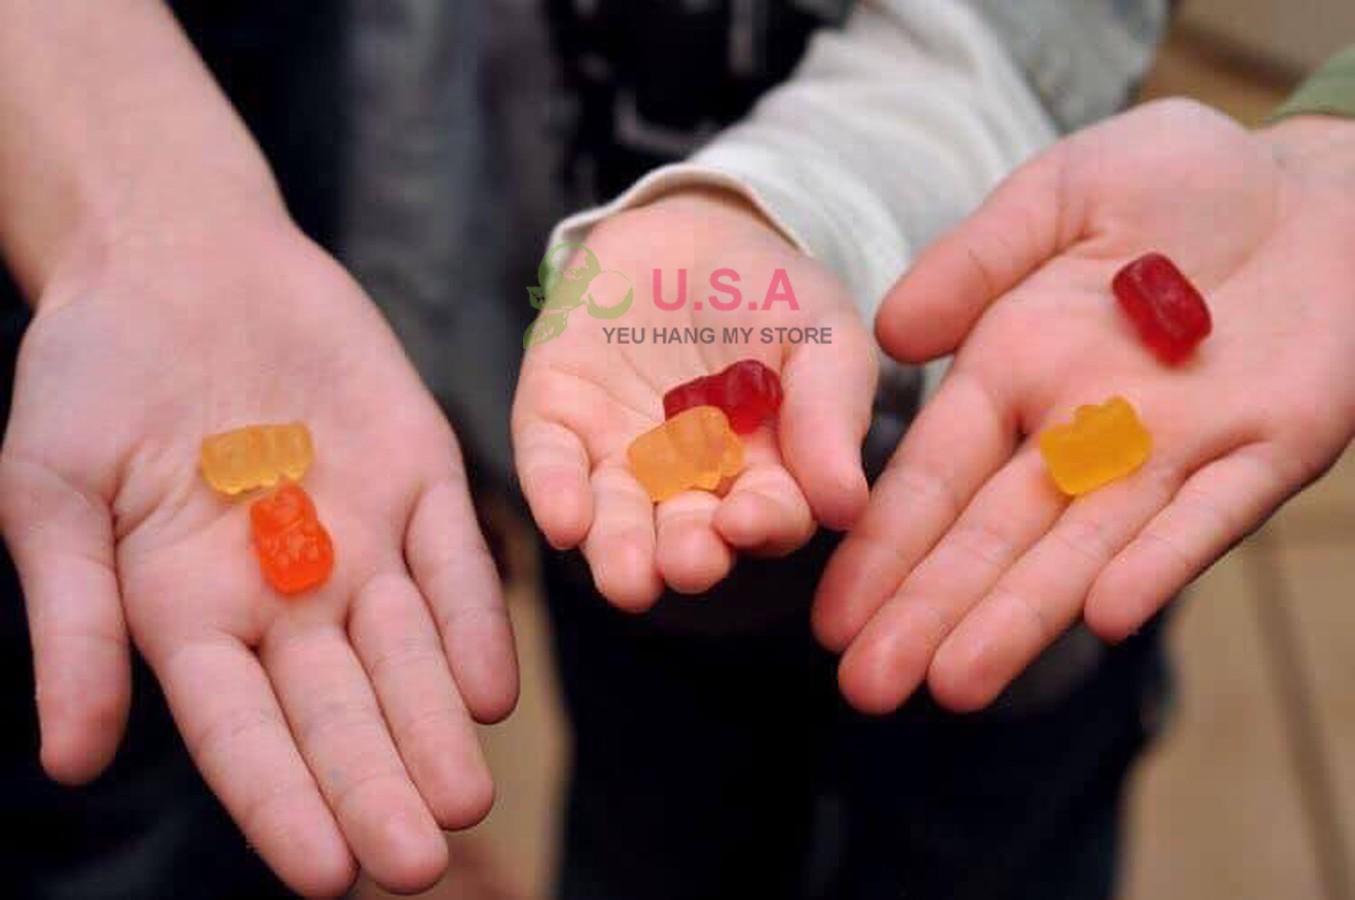 Topics tagged under kẹo-dẻo-vitamin-em-bé on Diễn đàn rao vặt - Đăng tin rao vặt miễn phí hiệu quả Keo-deo-lil-critter-gummy-vites-danh-cho-be-07